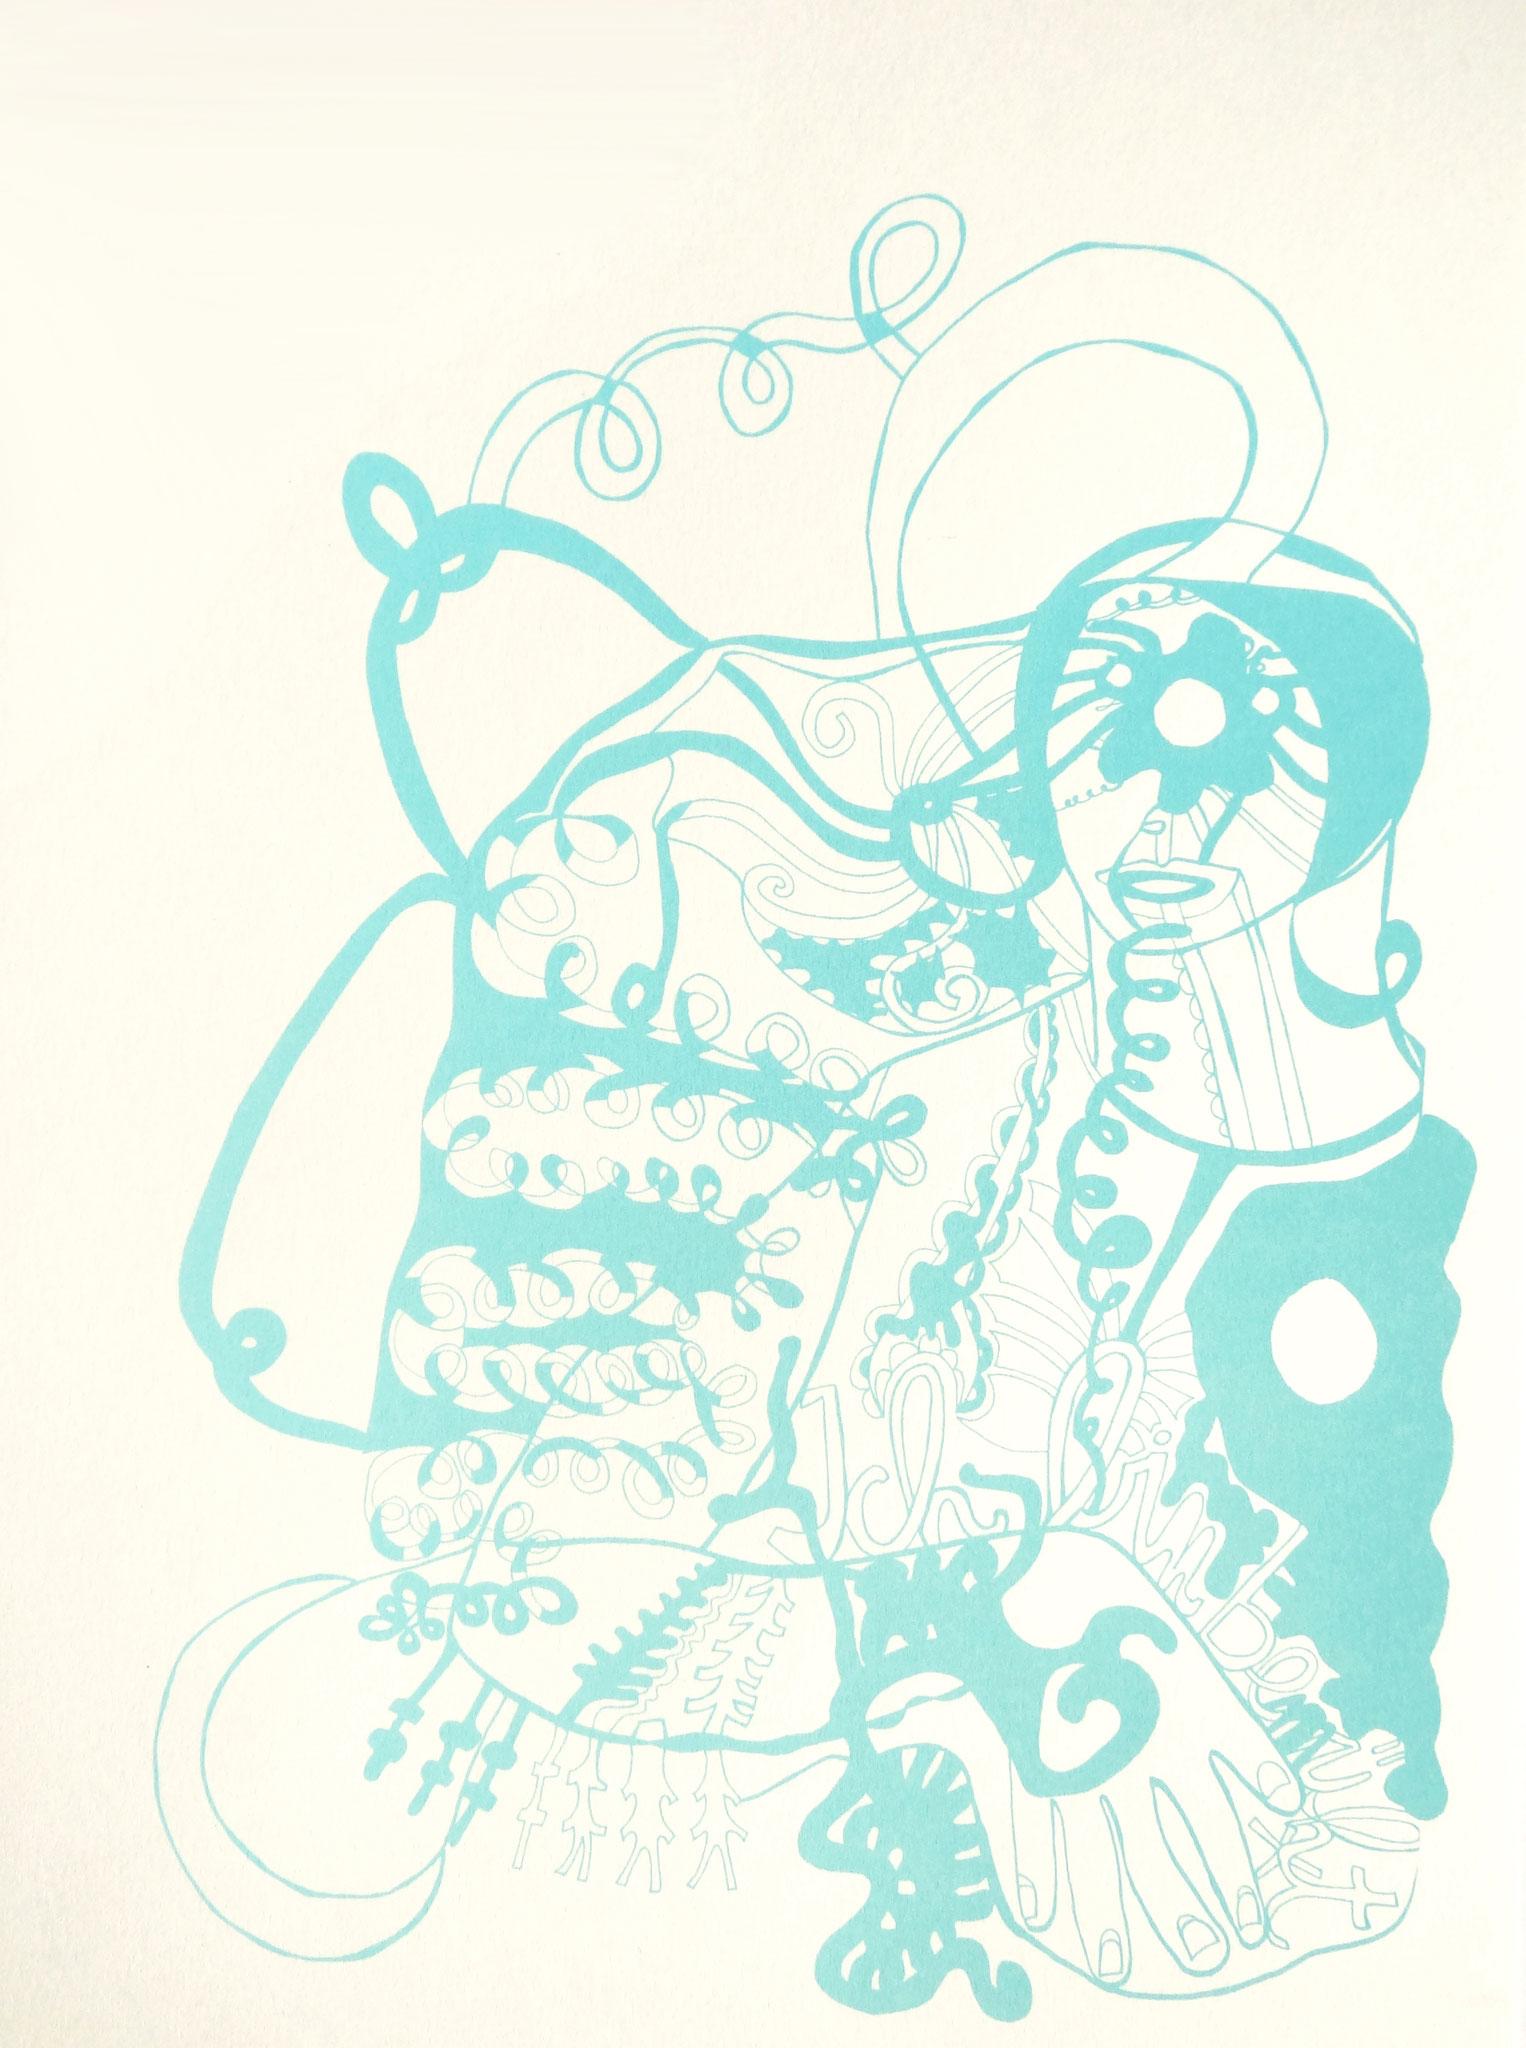 Achterbahn, Siebdruck auf Papier, 2003